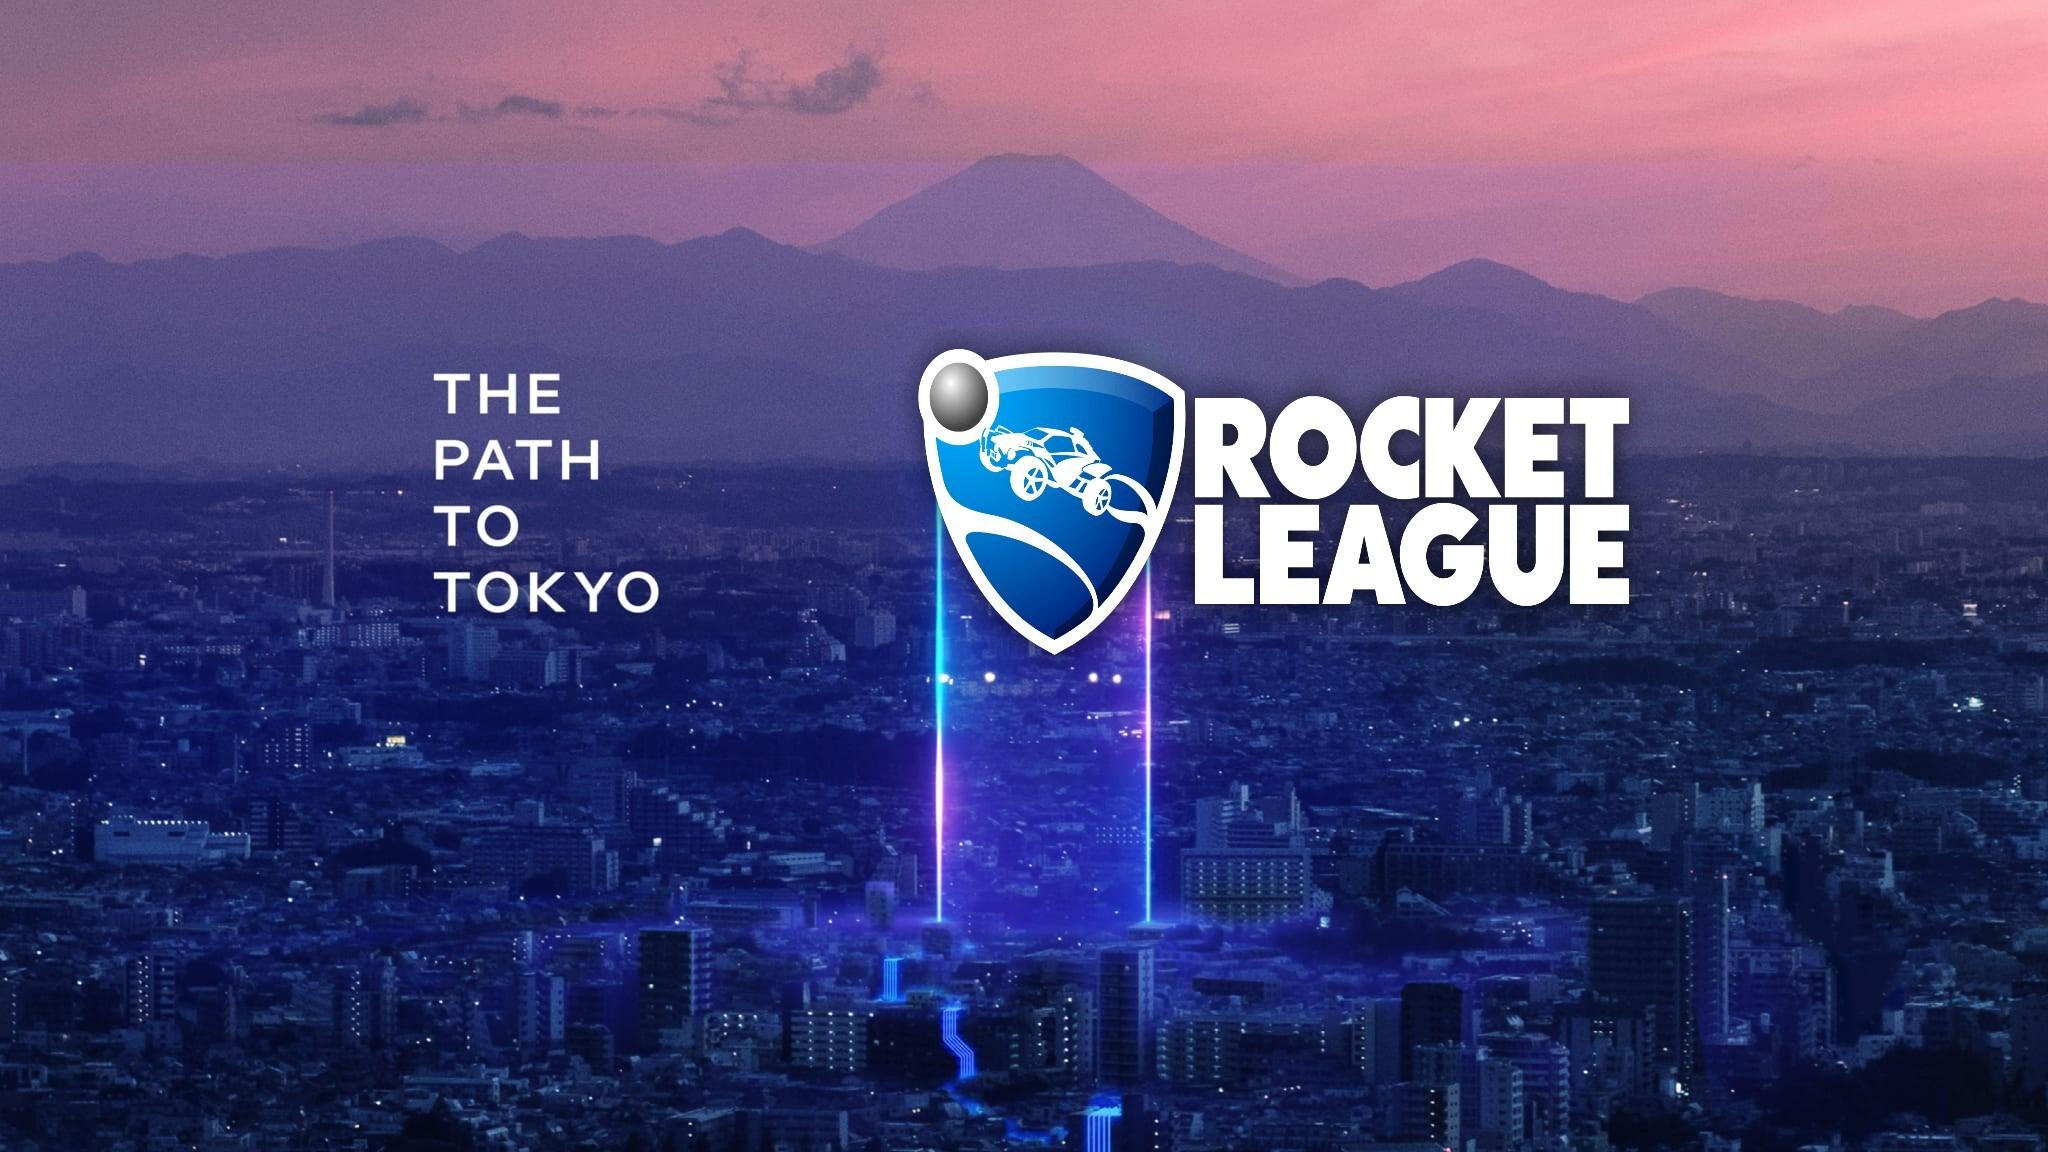 Nederlands Rocket League-team is Olympisch kwartfinalist